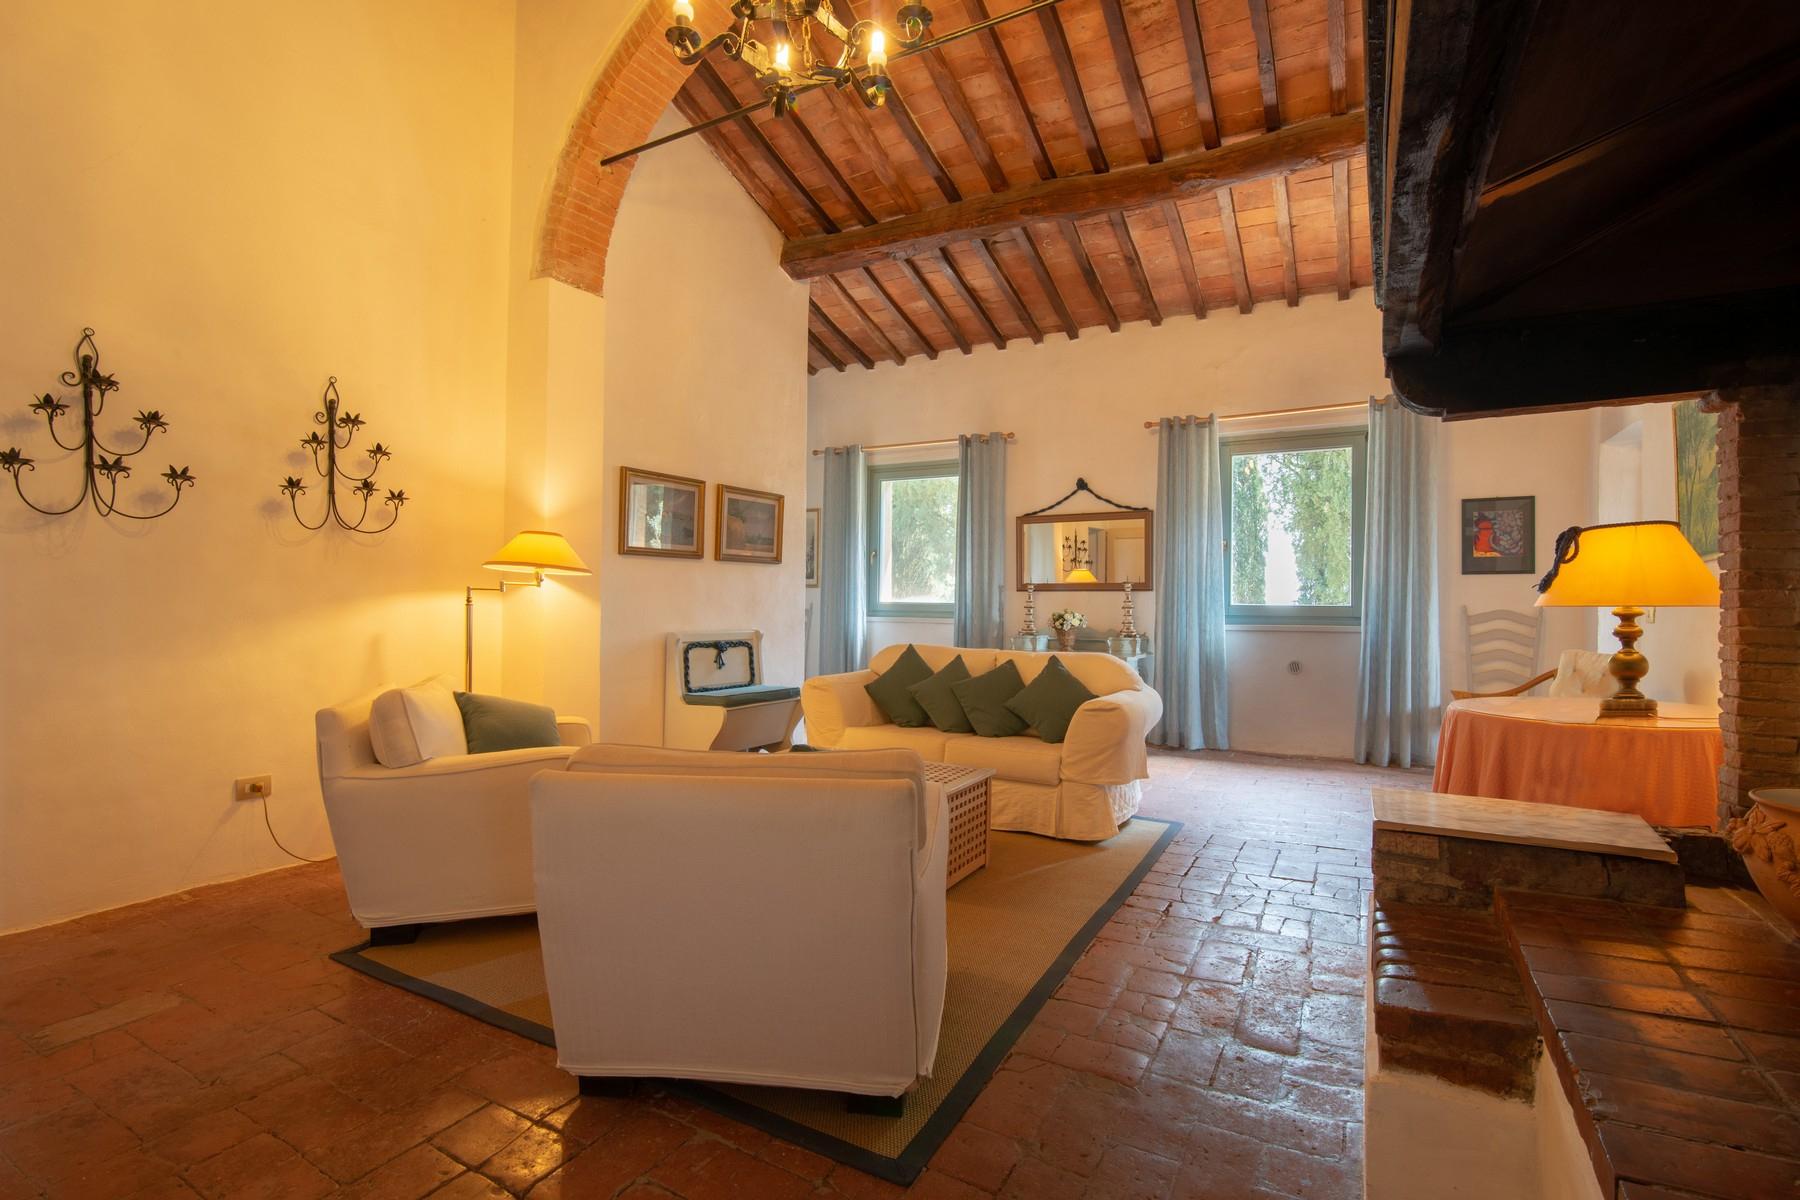 Rustico in Vendita a San Gimignano: 5 locali, 615 mq - Foto 6